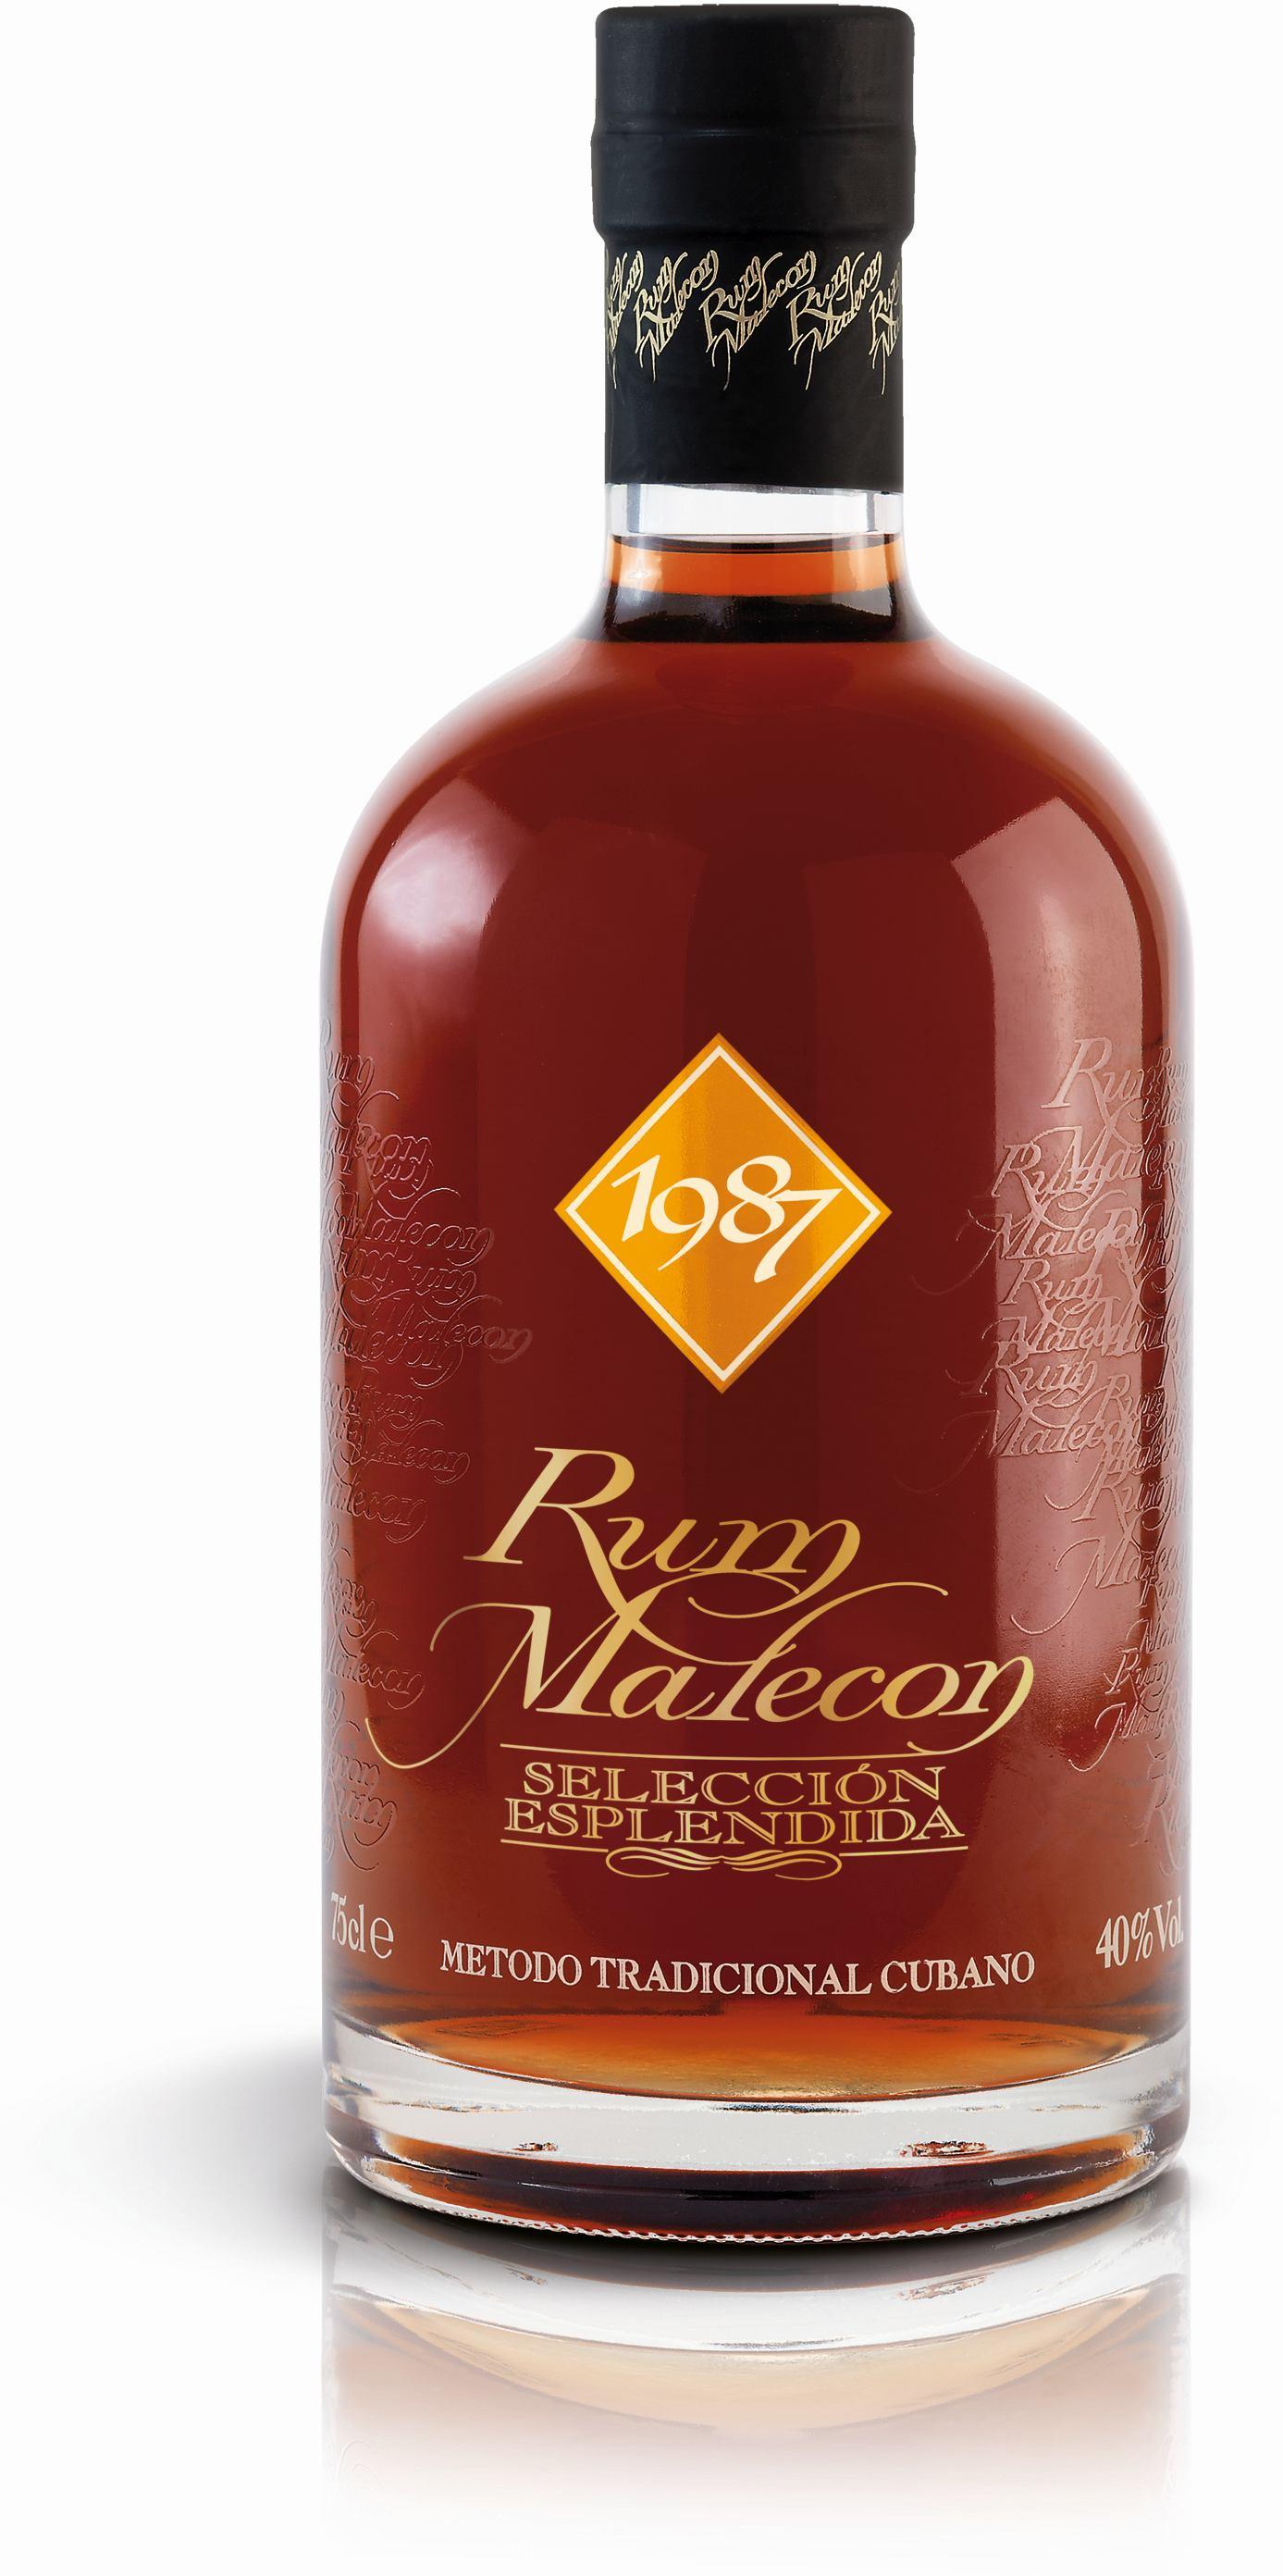 Malecon Selección Esplendida 1987